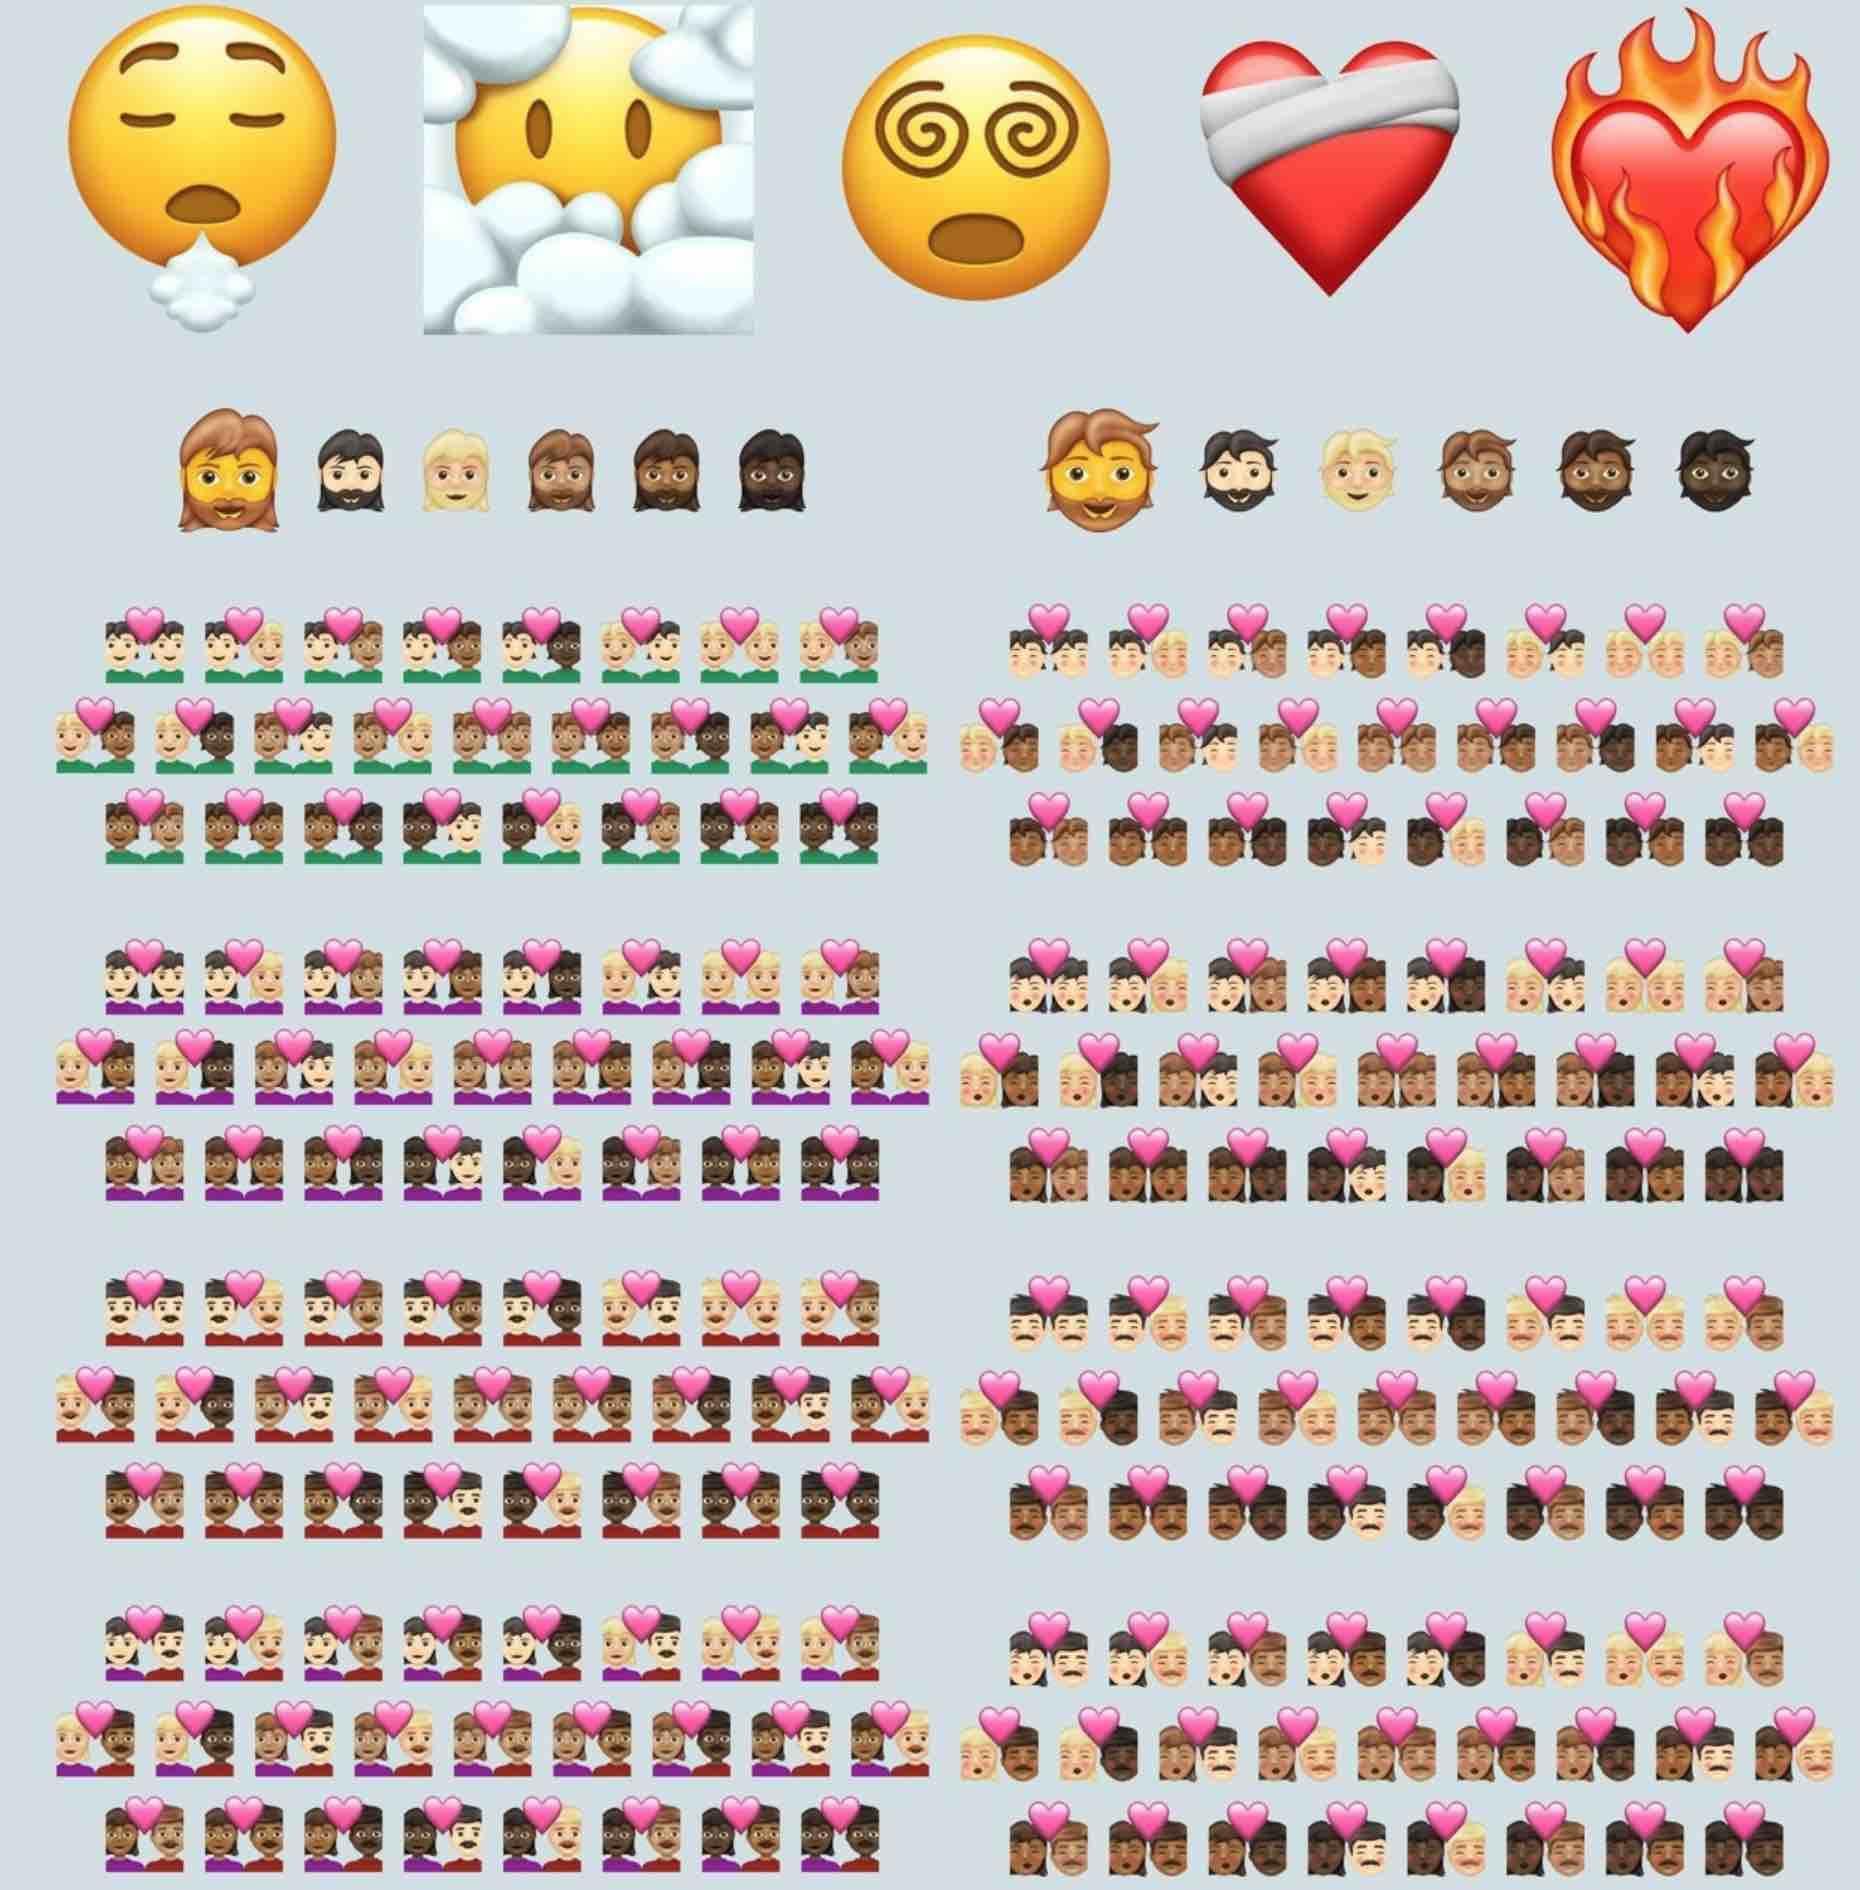 Tak wyglądają wszystkie nowe emoji w iOS 14.5 polecane, ciekawostki nowe emoji w iOS 14.5, iOS 14.5, emoji  Jedną ze zmian w udostępnionej dzisiaj becie iOS 14.5 jest dodanie przez Apple ponad 200 nowych emoji. Jeśli jesteście ciekawi jak wyglądają wszystkie nowe emoji w nowym systemie to zerknijcie poniżej. emoji 14.5